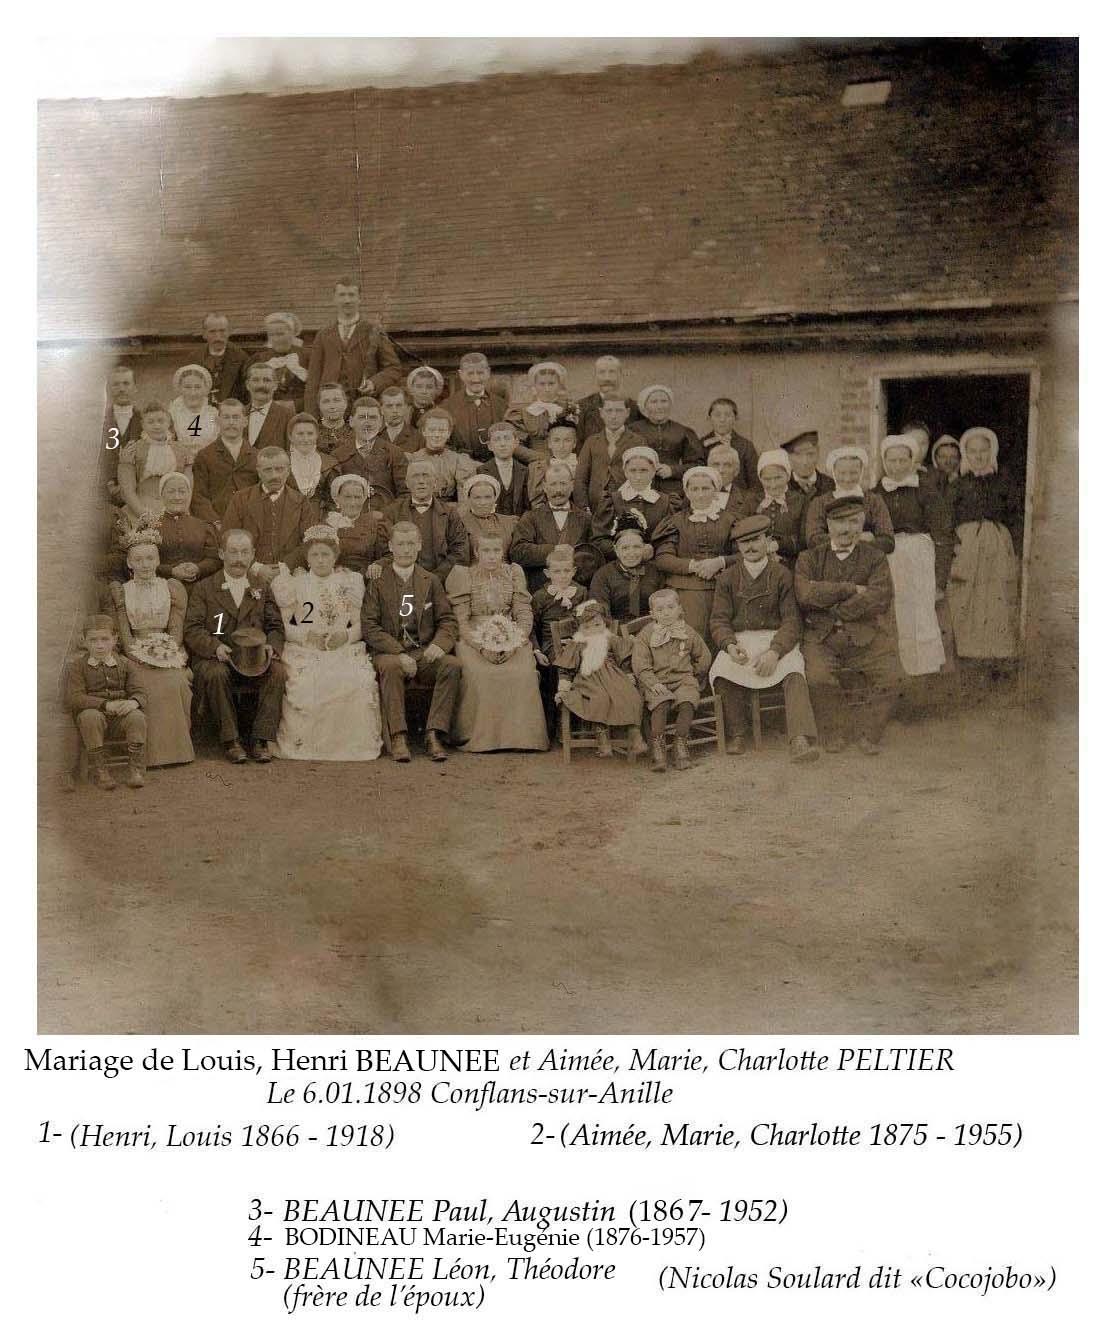 Conflans sur Anille - Mariage - BEAUNEE Louis, Henri et PELTIER Aimée, Marie, Charlotte - 6 janvier 1898 (Nicolas Soulard dit Cocojobo)